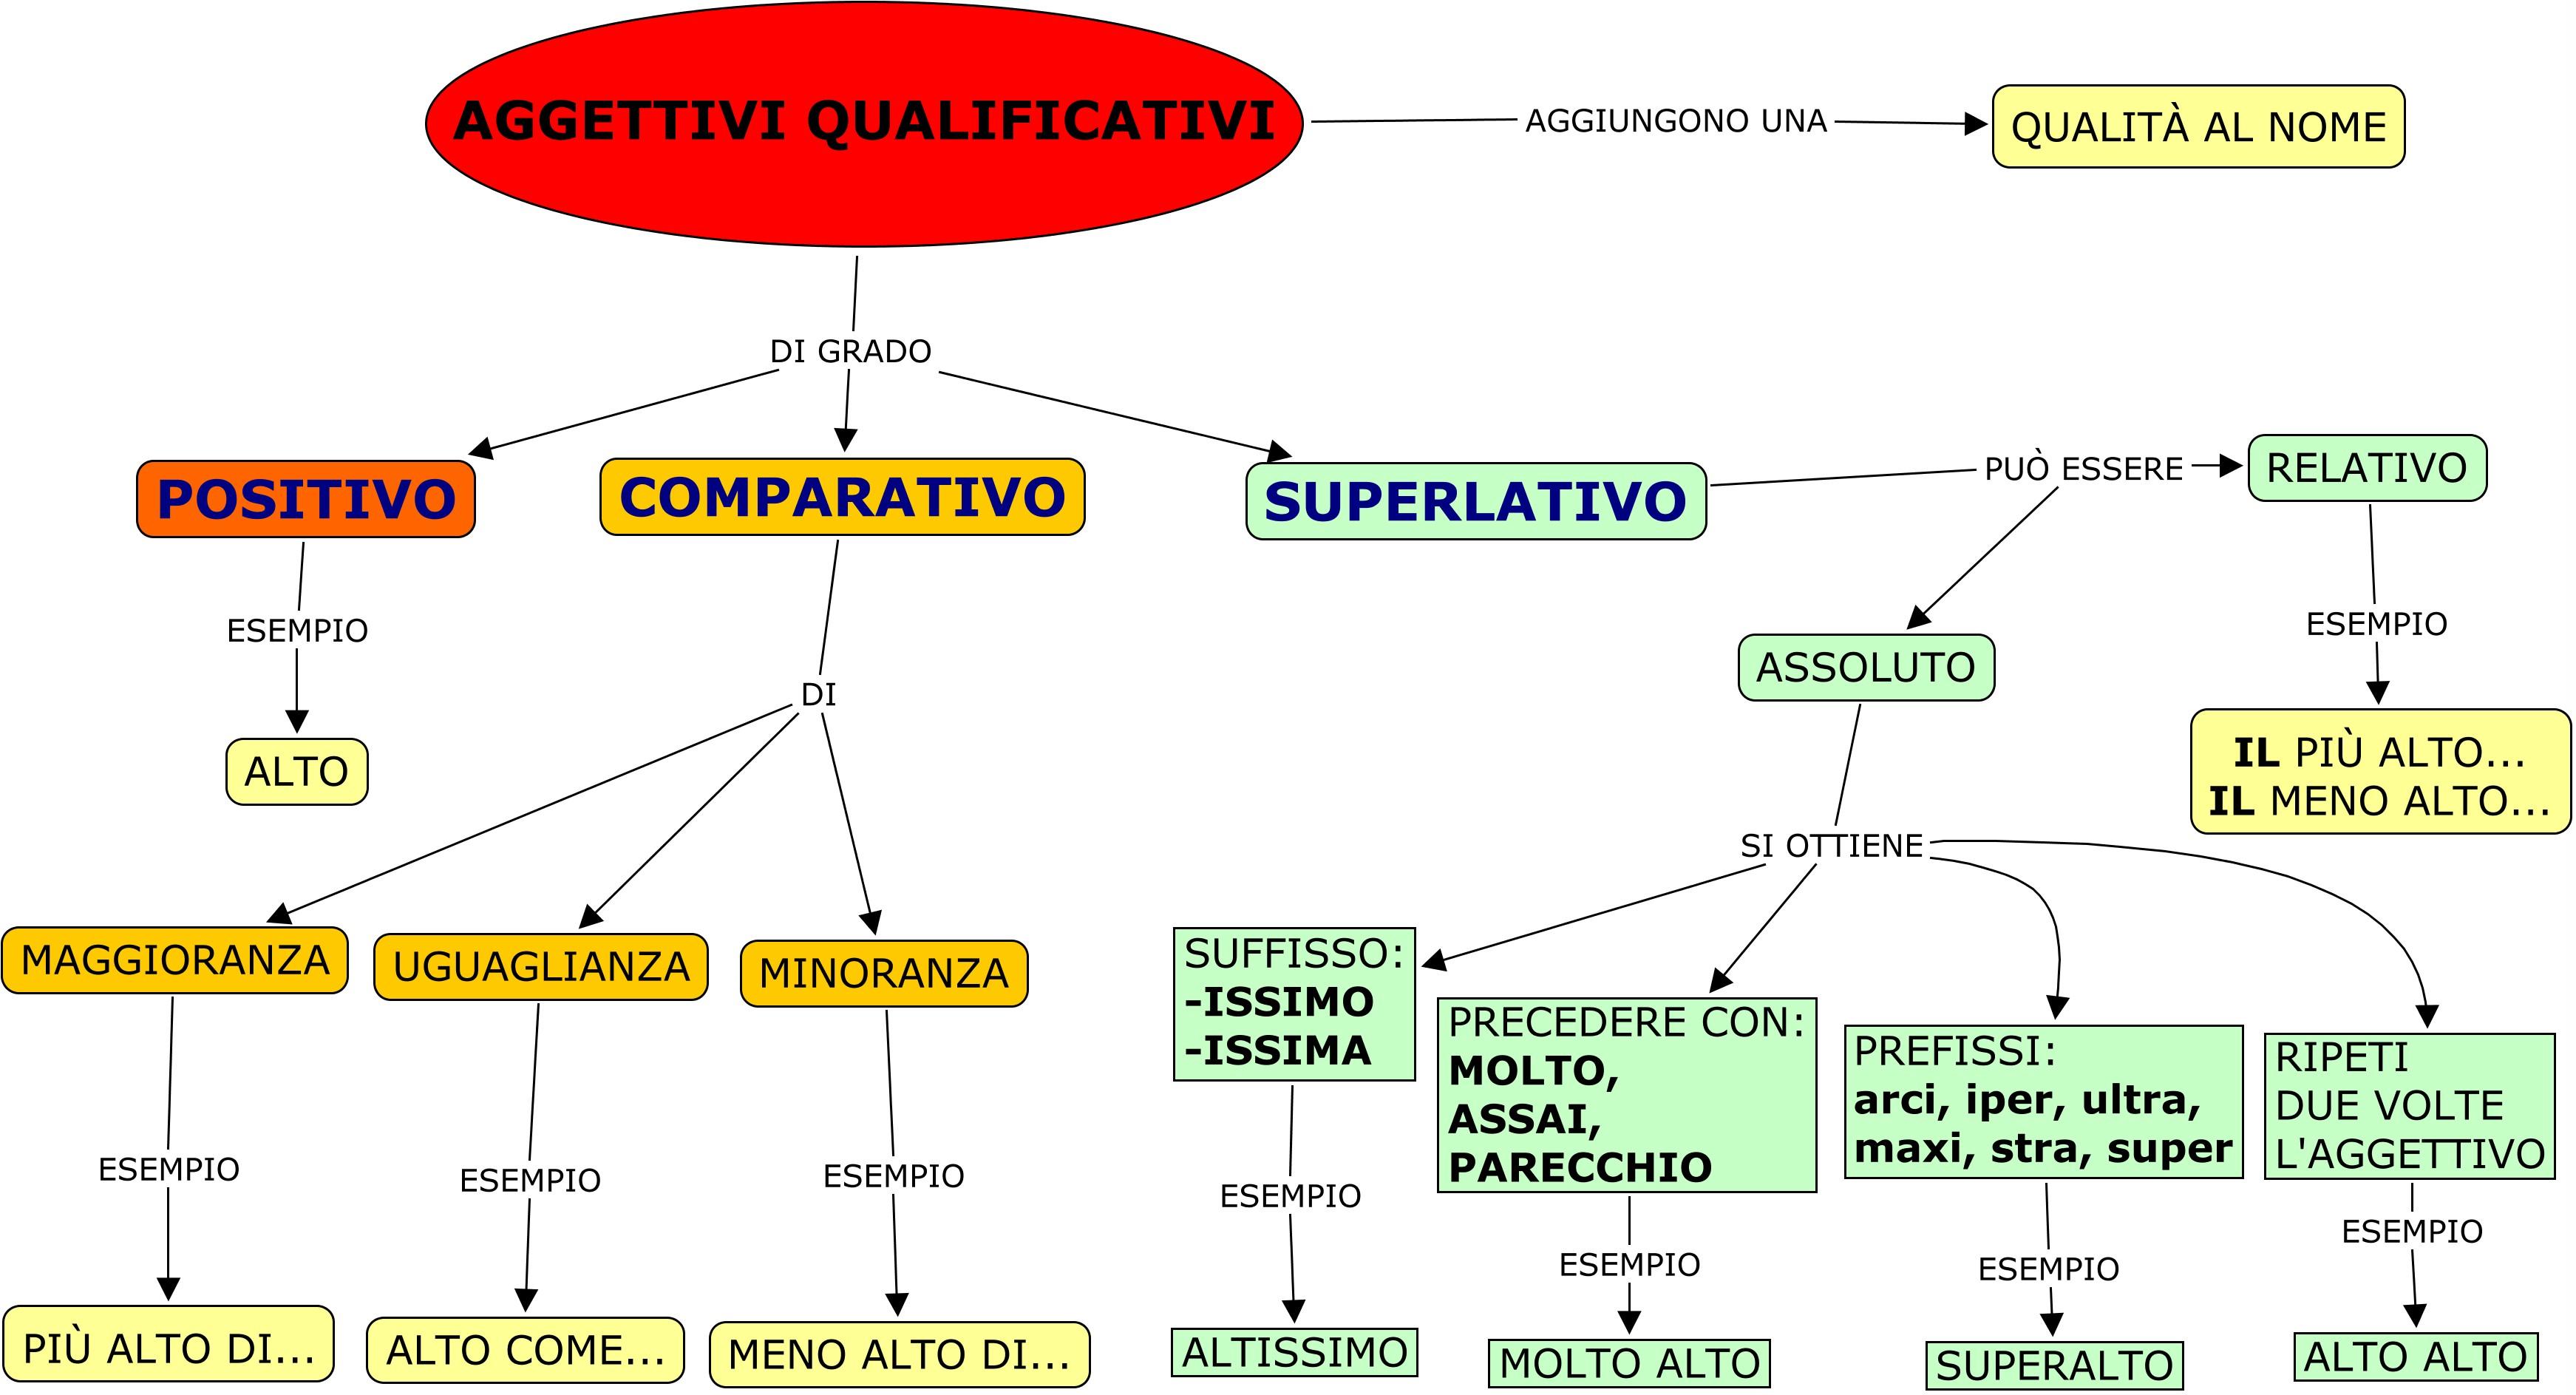 Favori Gli Aggettivi Qualificativi - Lessons - Tes Teach PI93